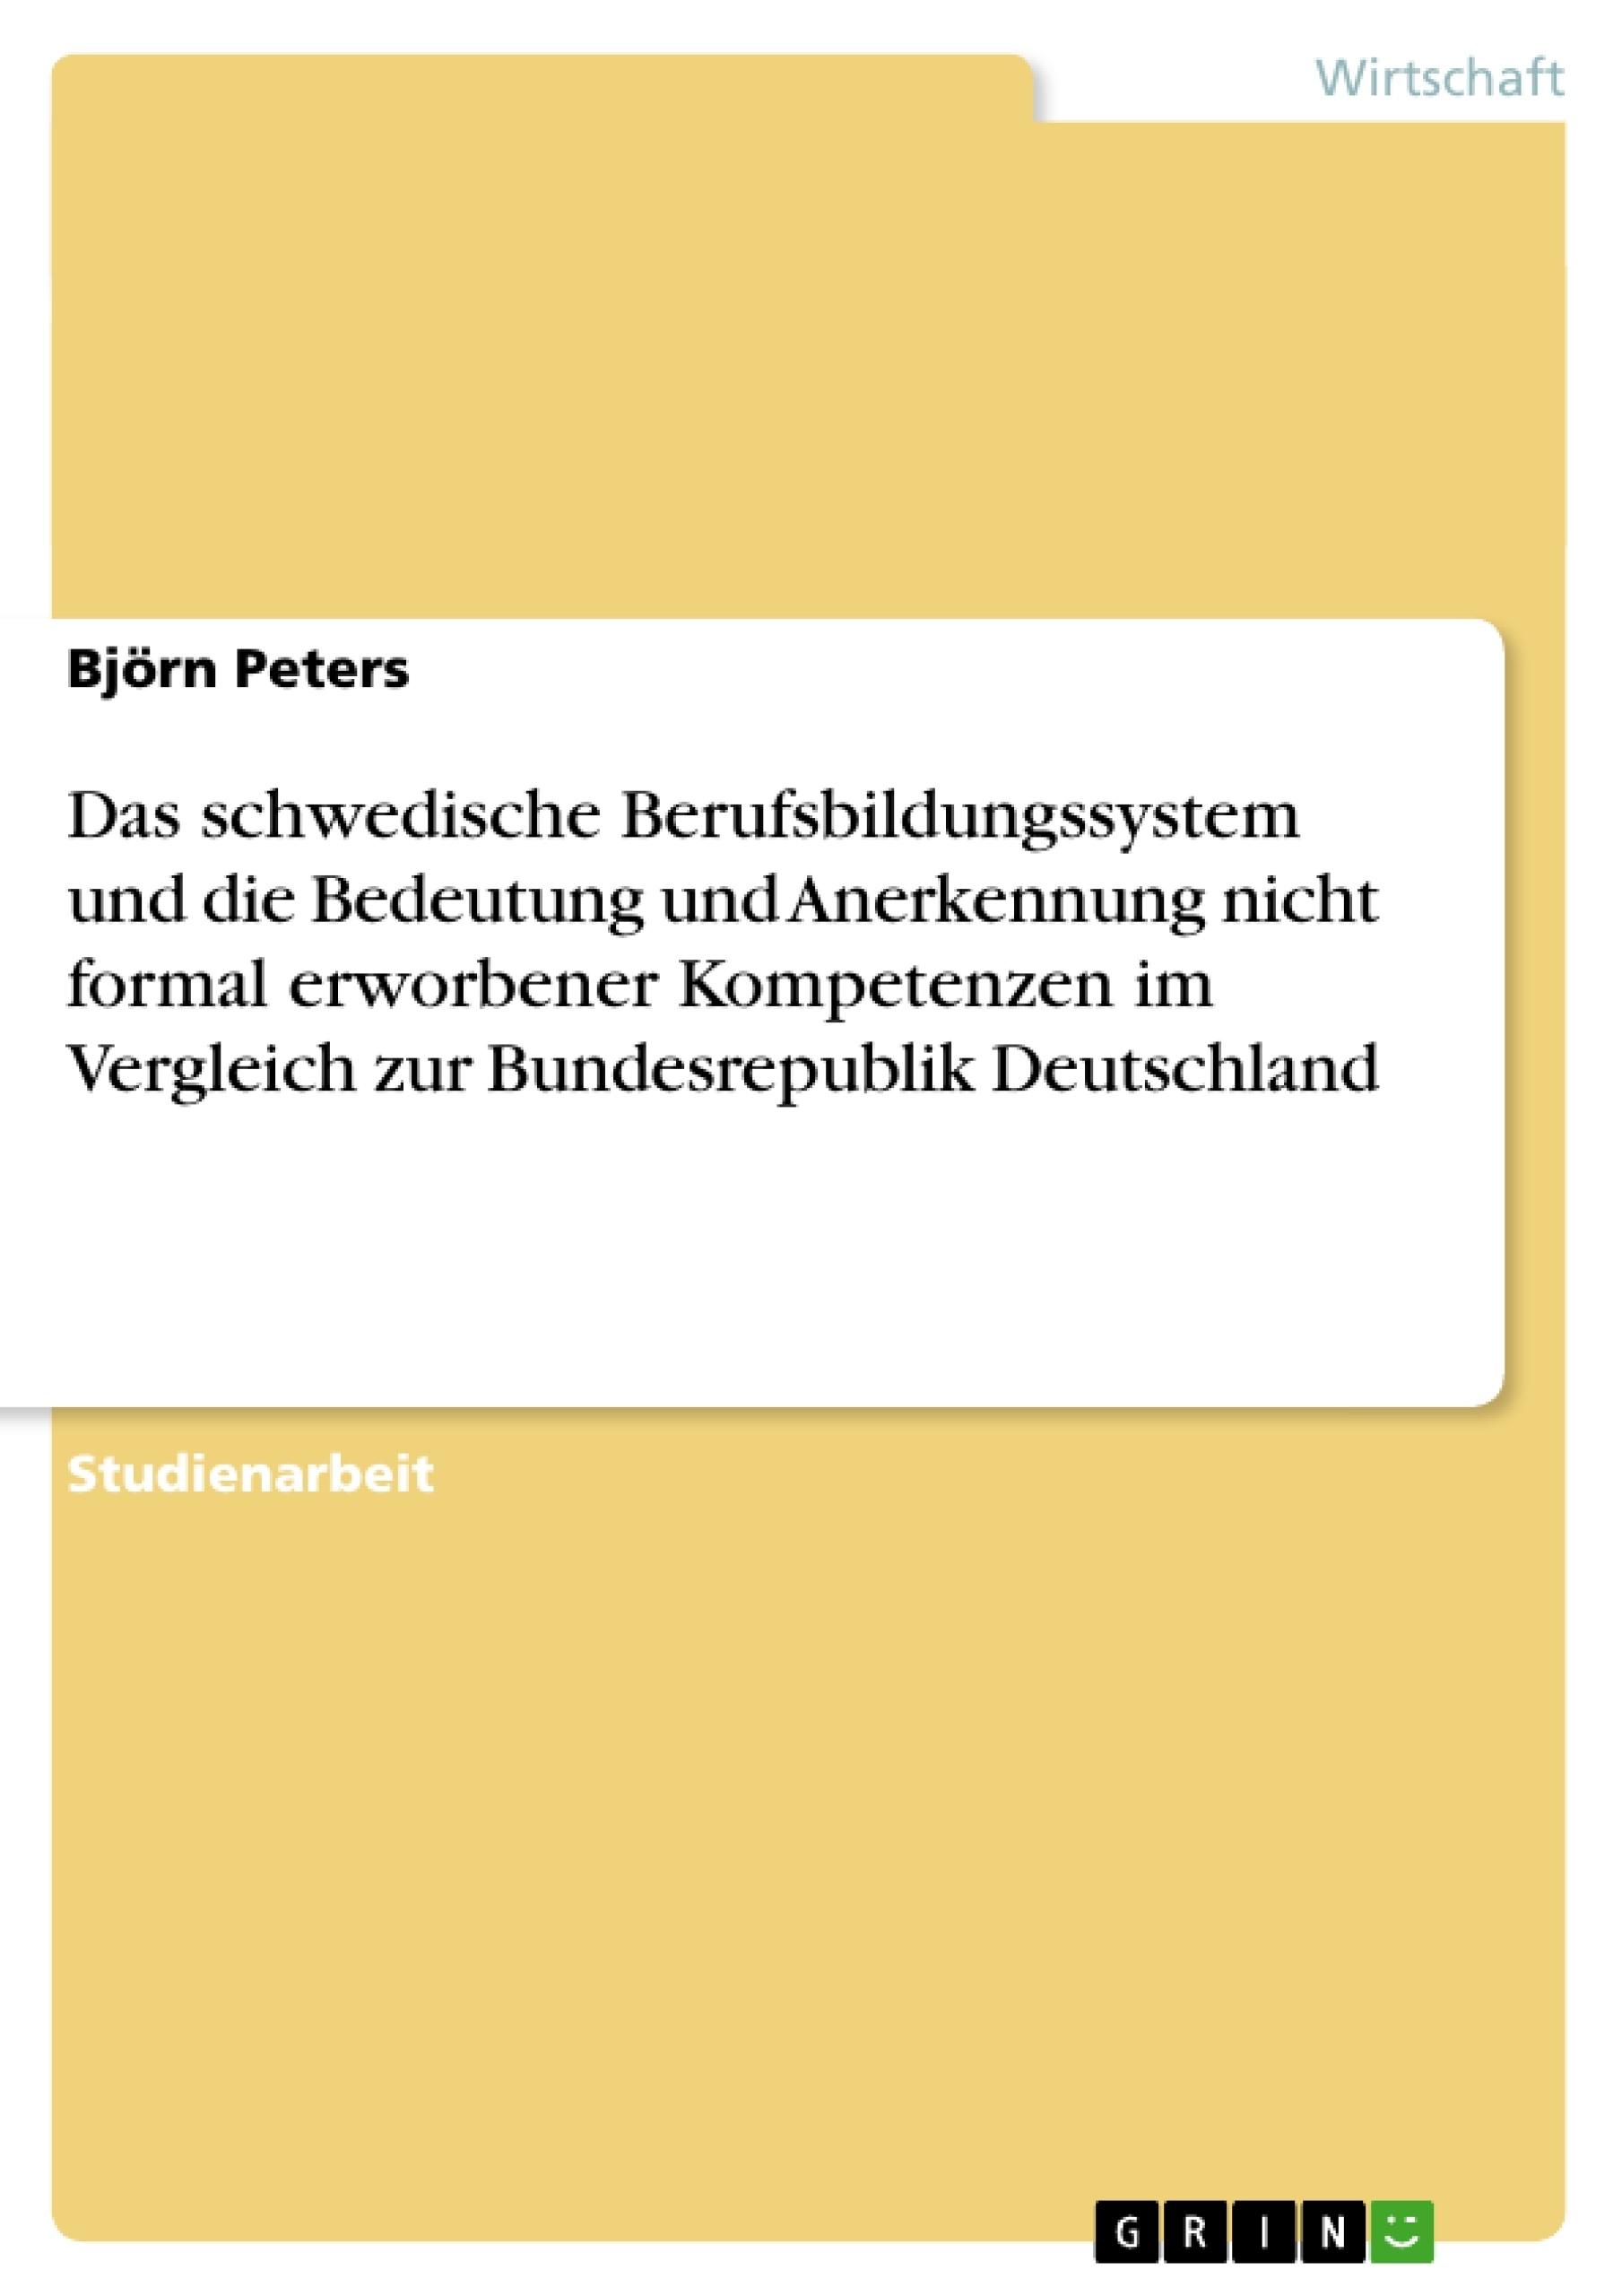 Titel: Das schwedische Berufsbildungssystem und die Bedeutung und Anerkennung nicht formal erworbener Kompetenzen im Vergleich zur Bundesrepublik Deutschland